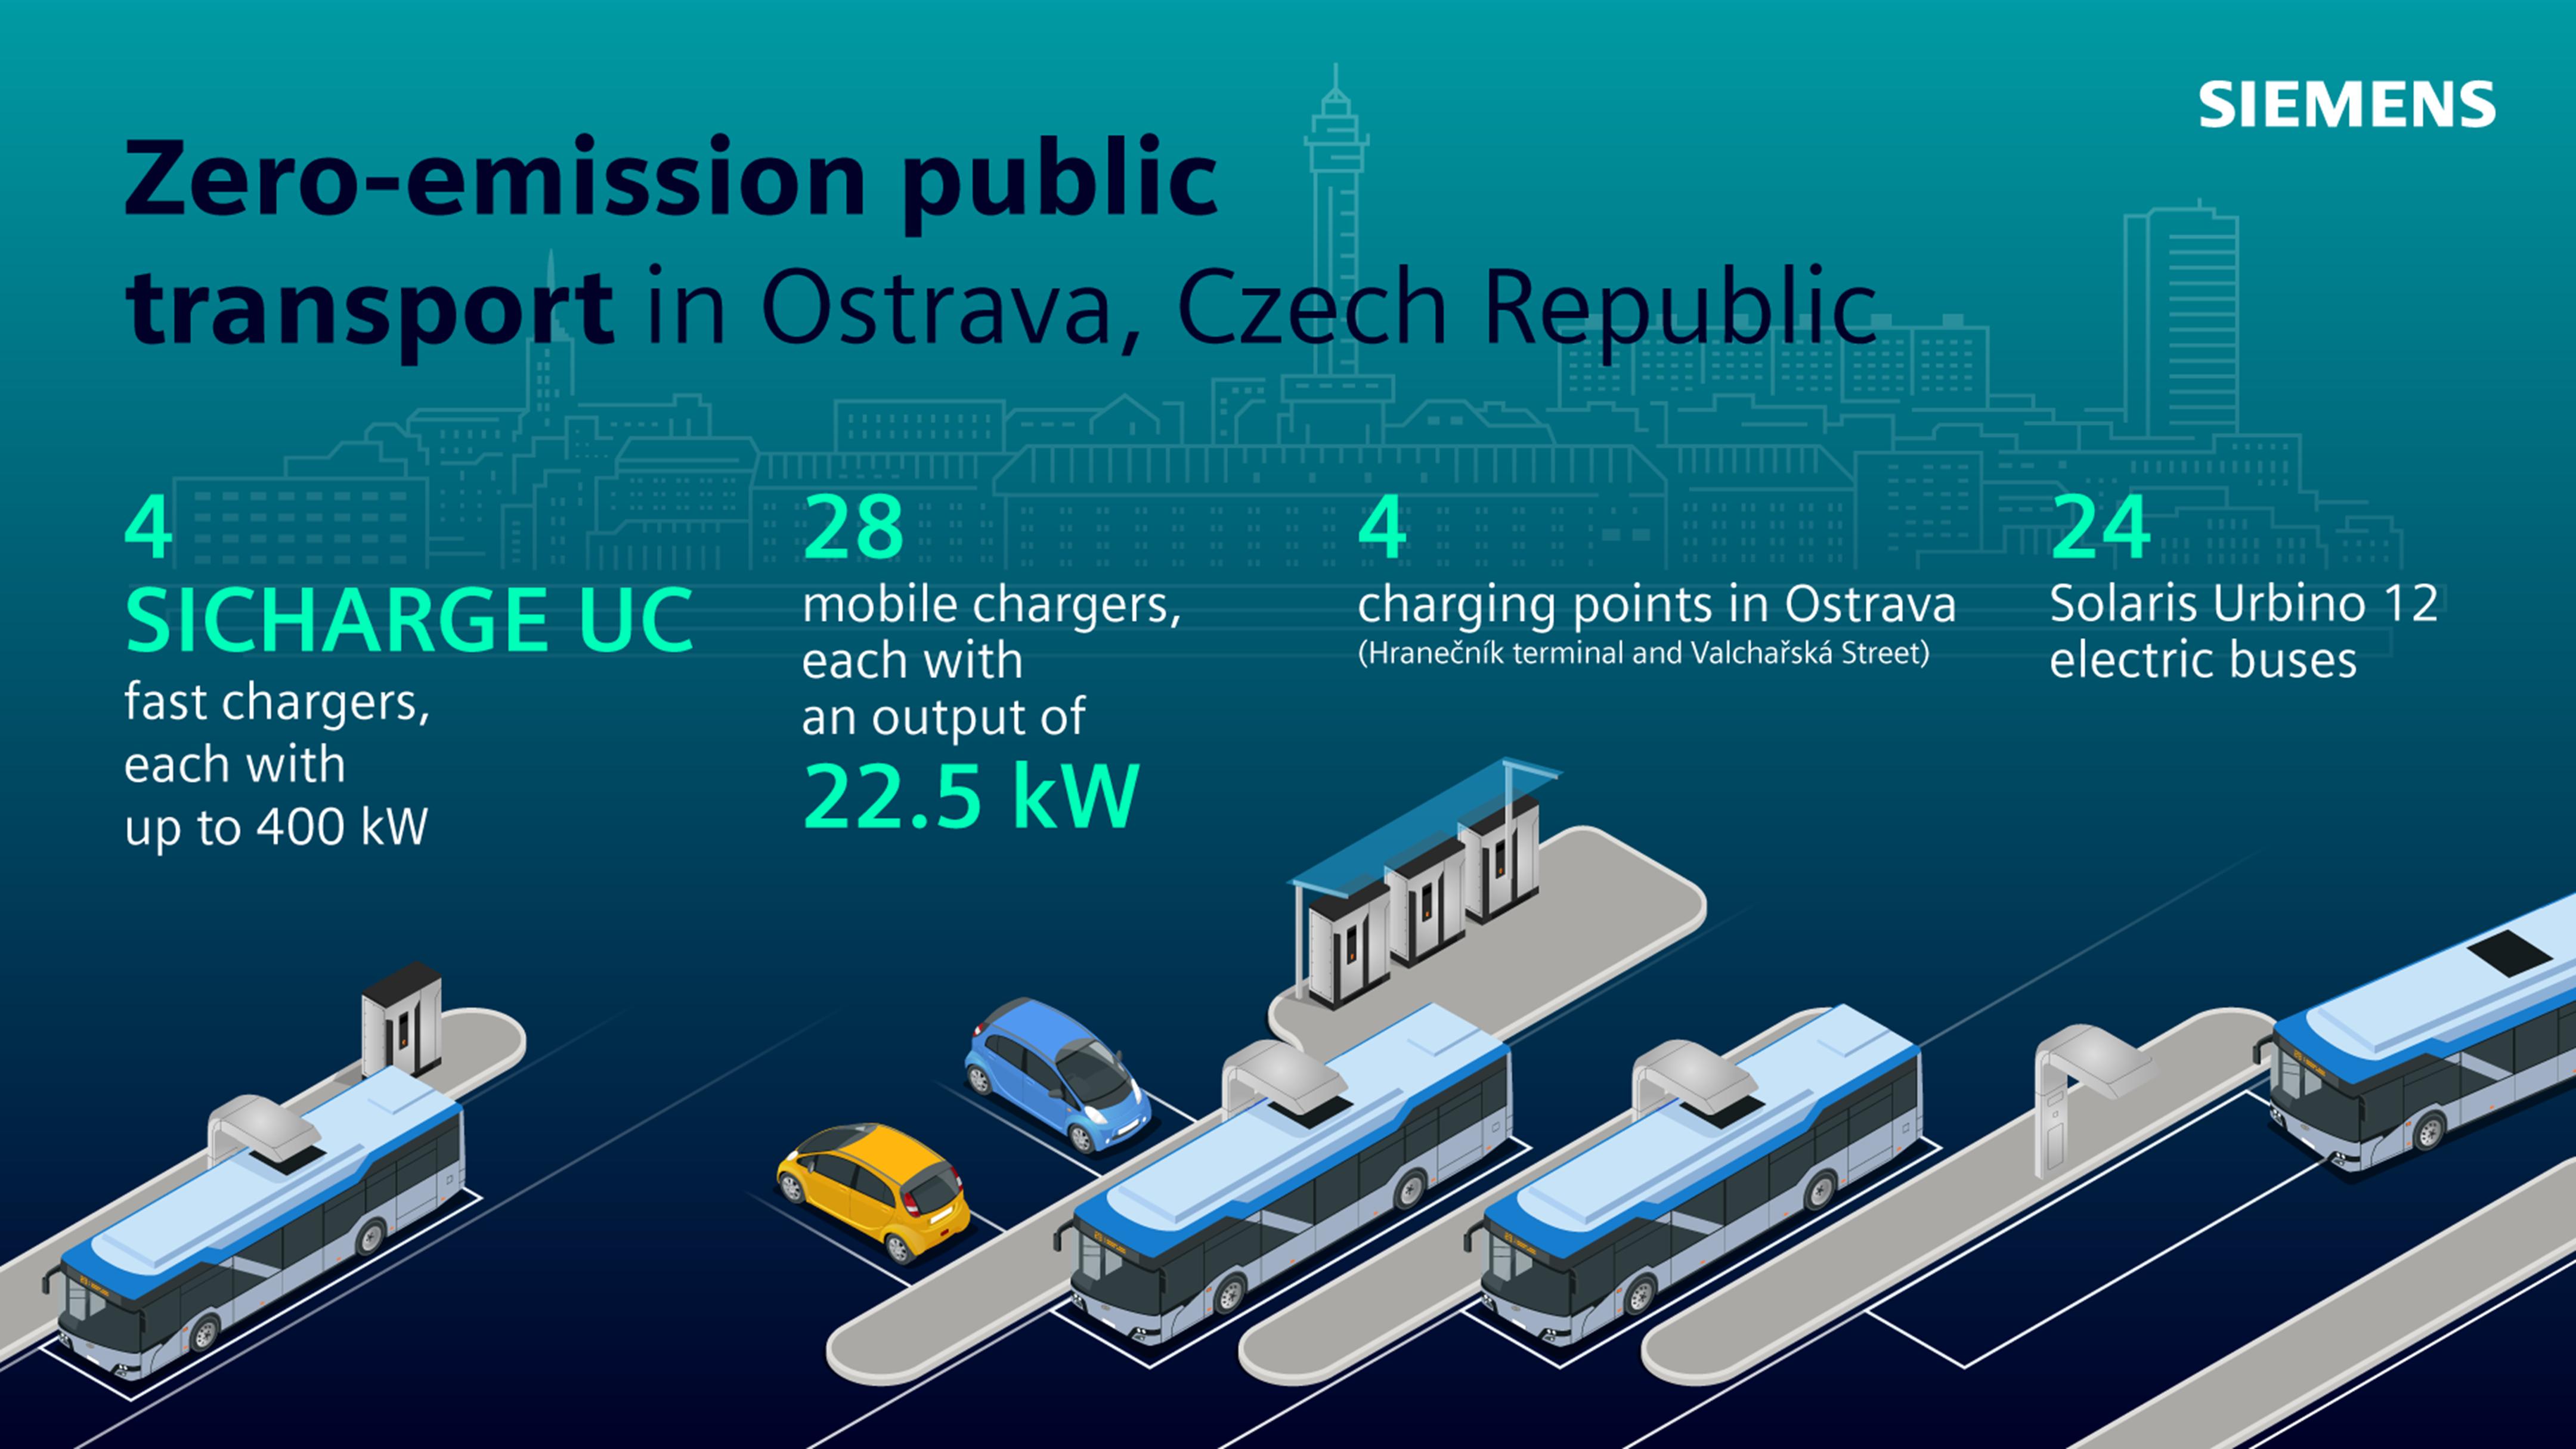 Zero-emission public transport in Ostrava.